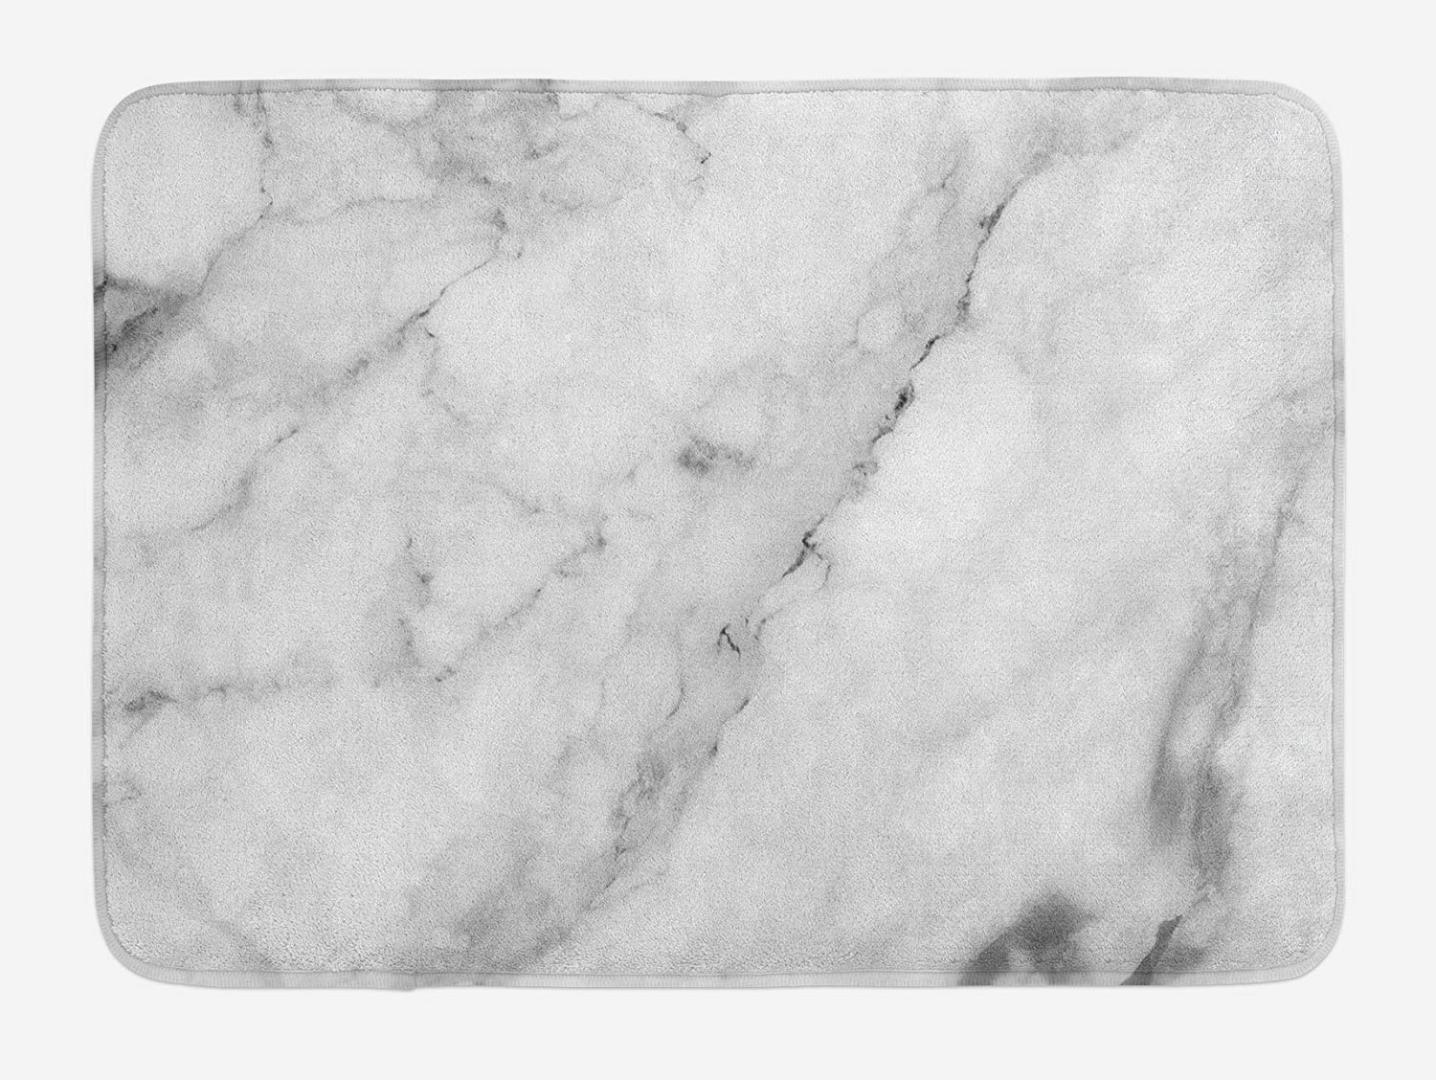 대리석 Doormat 화강암 표면 모티브 스케치 자연 효과 및 균열 골동품 스타일 이미지 홈 인테리어 도어 바닥 매트 매트